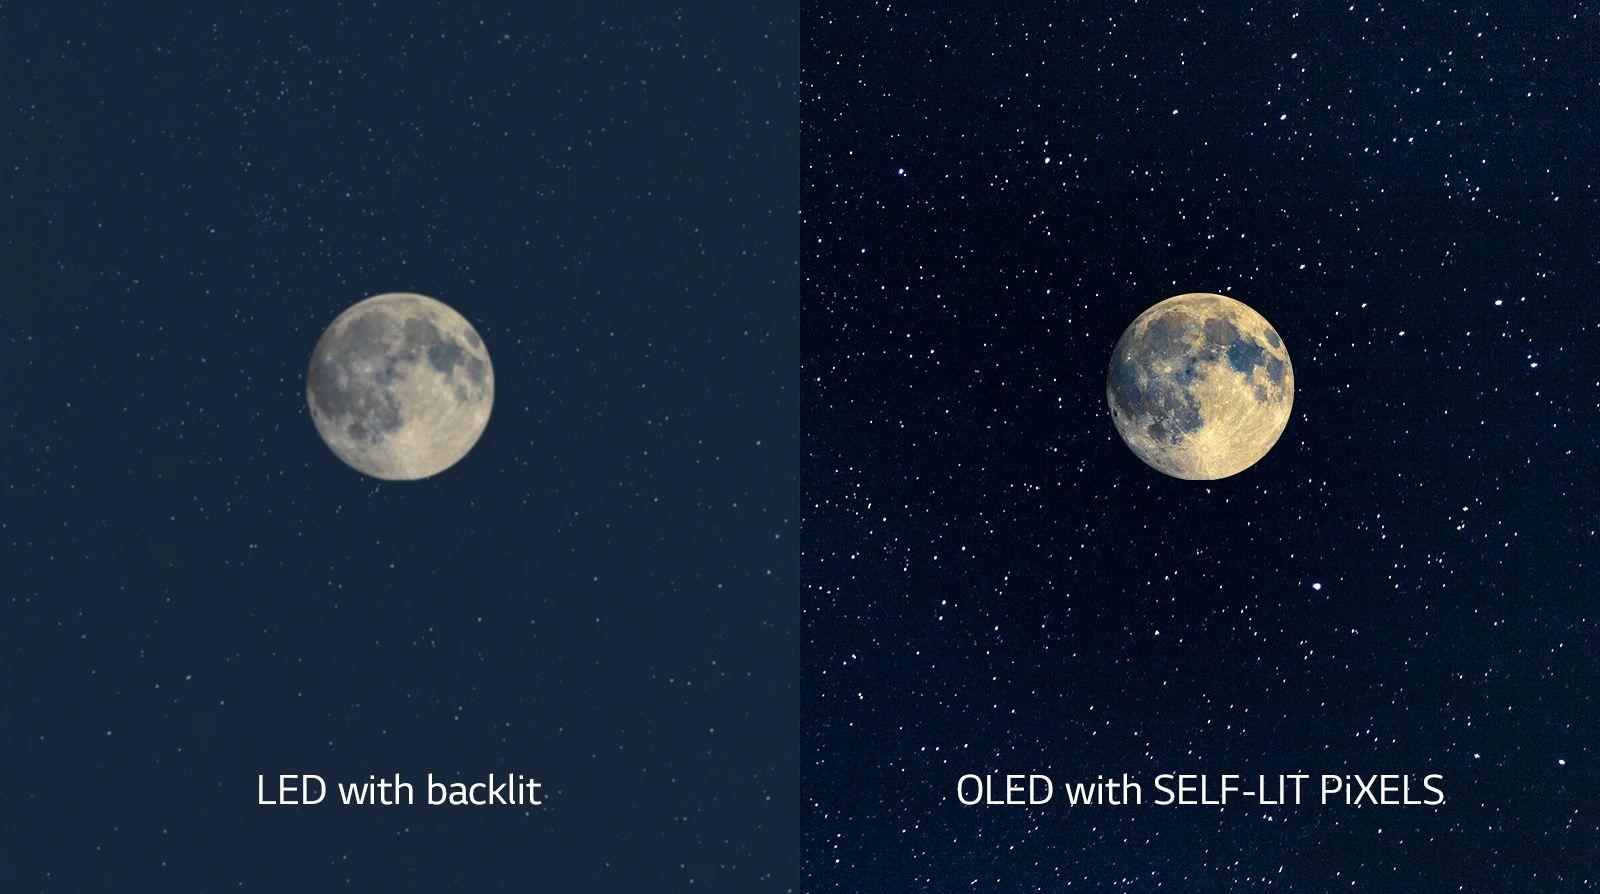 A hold képe, mely a bal oldalon LED képernyőn látható elmosódott feketével, a jobb oldalon pedig az OLED tökéletes feketéjével (videó megtekintése)